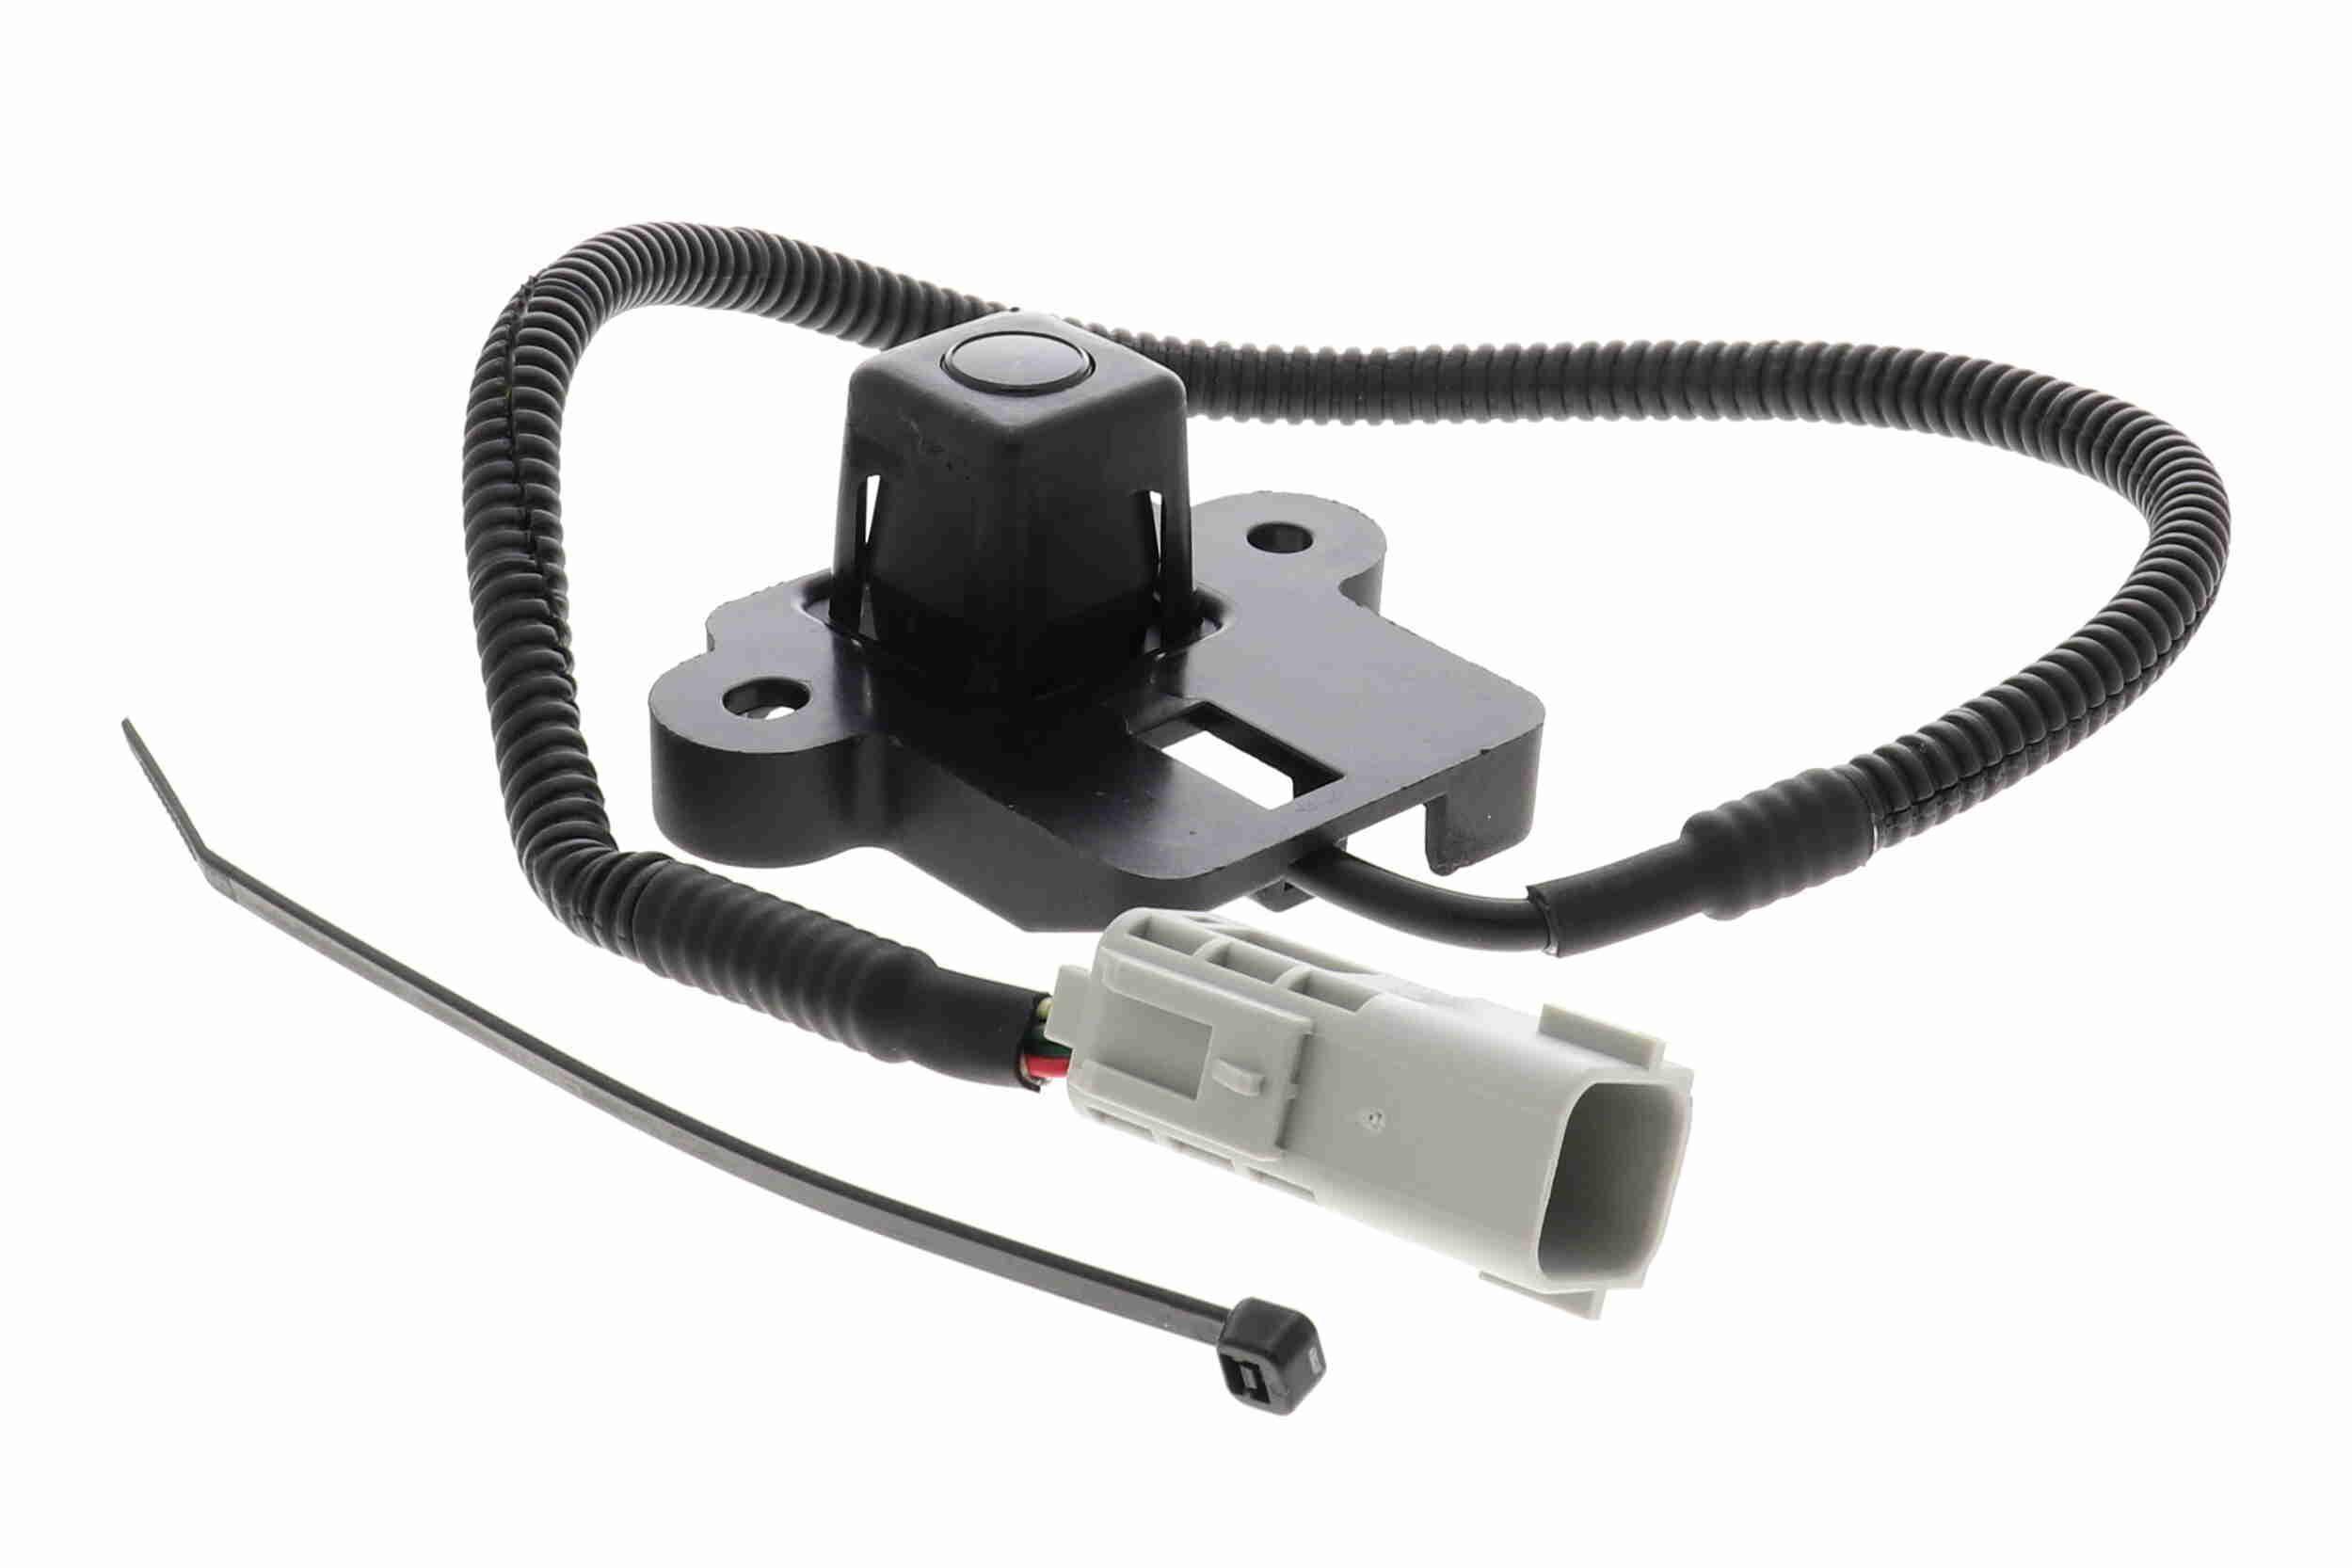 VEMO V51-74-0008 Rückwärtskamera für Auto Original VEMO Qualität reduzierte Preise - Jetzt bestellen!